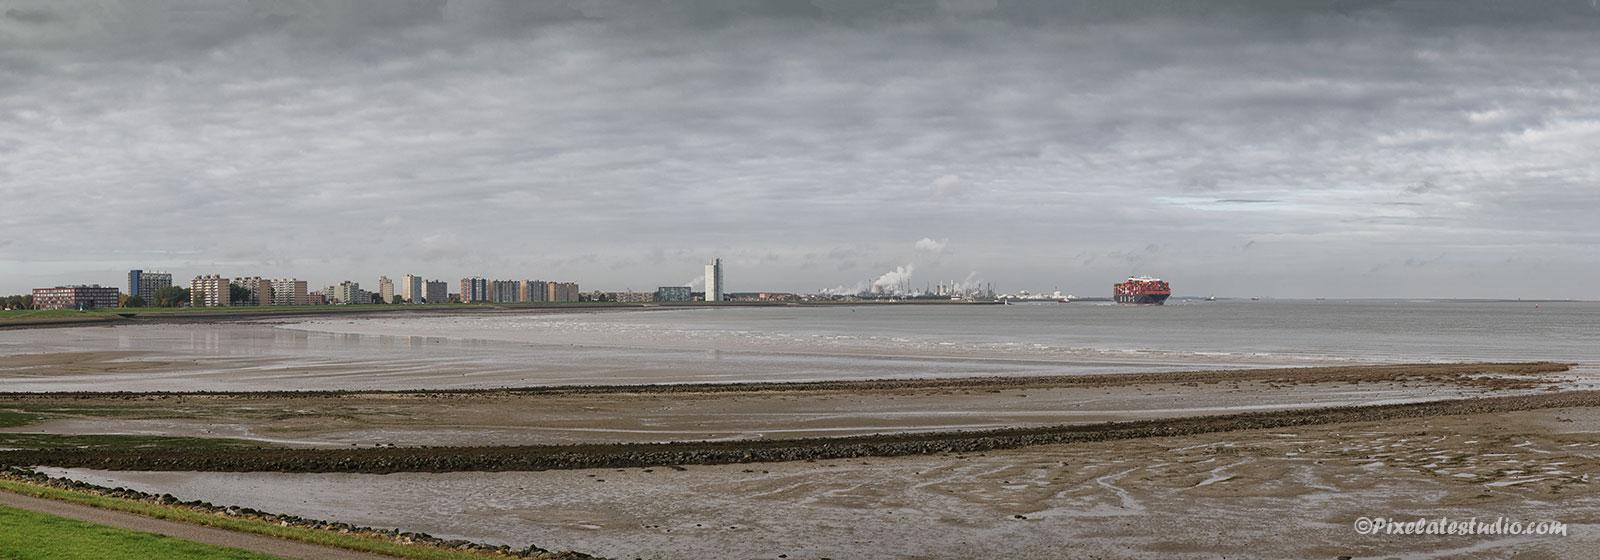 Panorama foto met zicht op Terneuzen